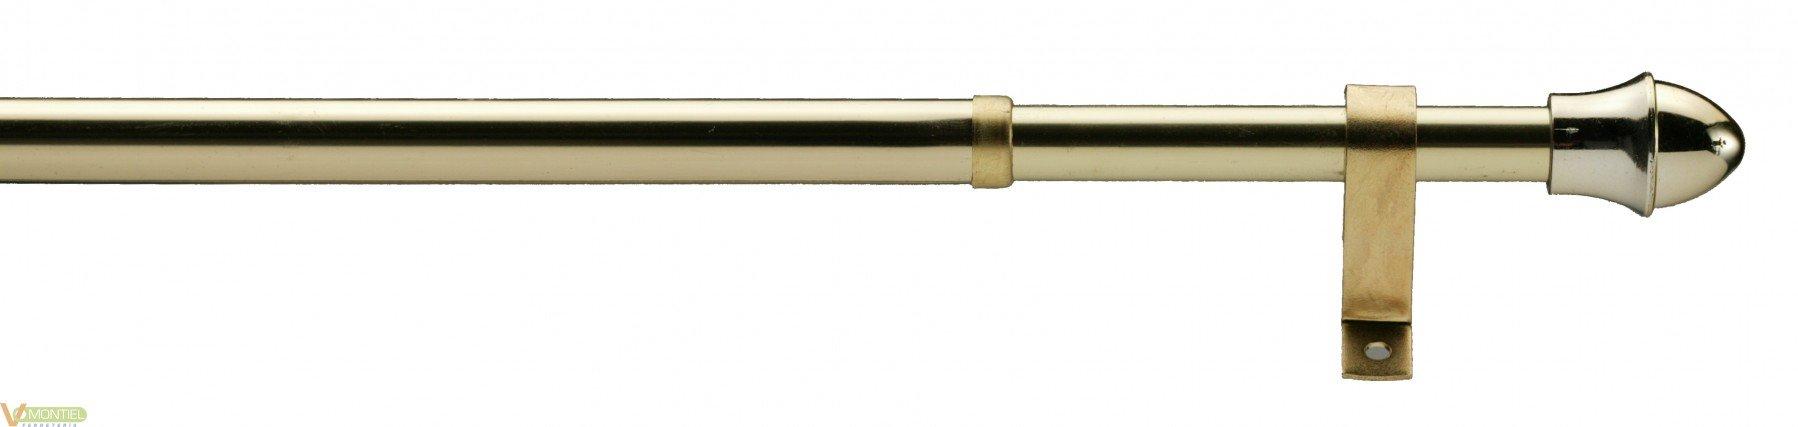 Portavisillo exten 45/75cm bis-0